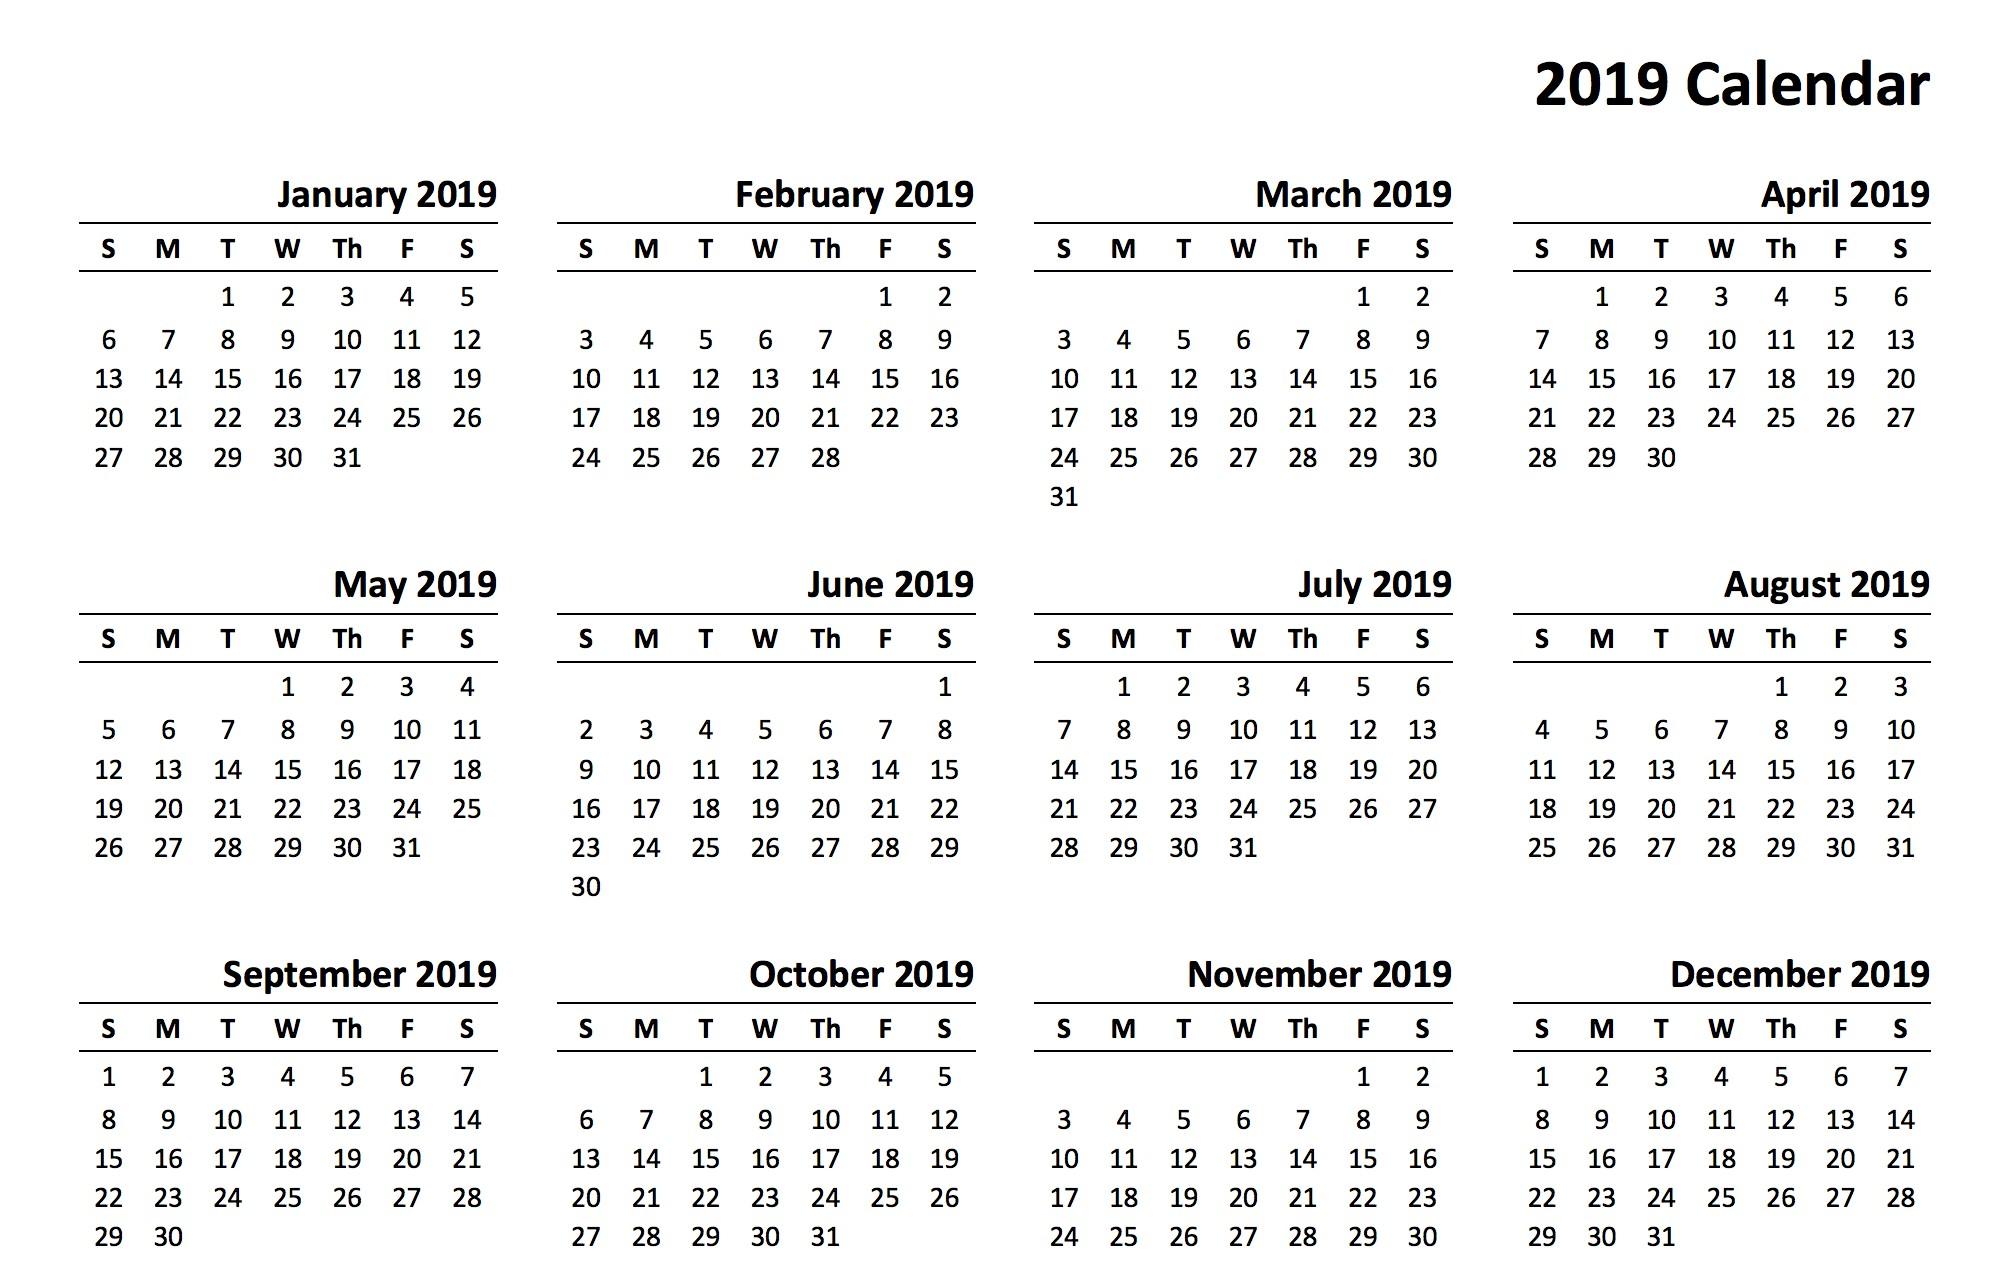 Printable Calendar Templates 2019 2019 Calendar Amazonaws